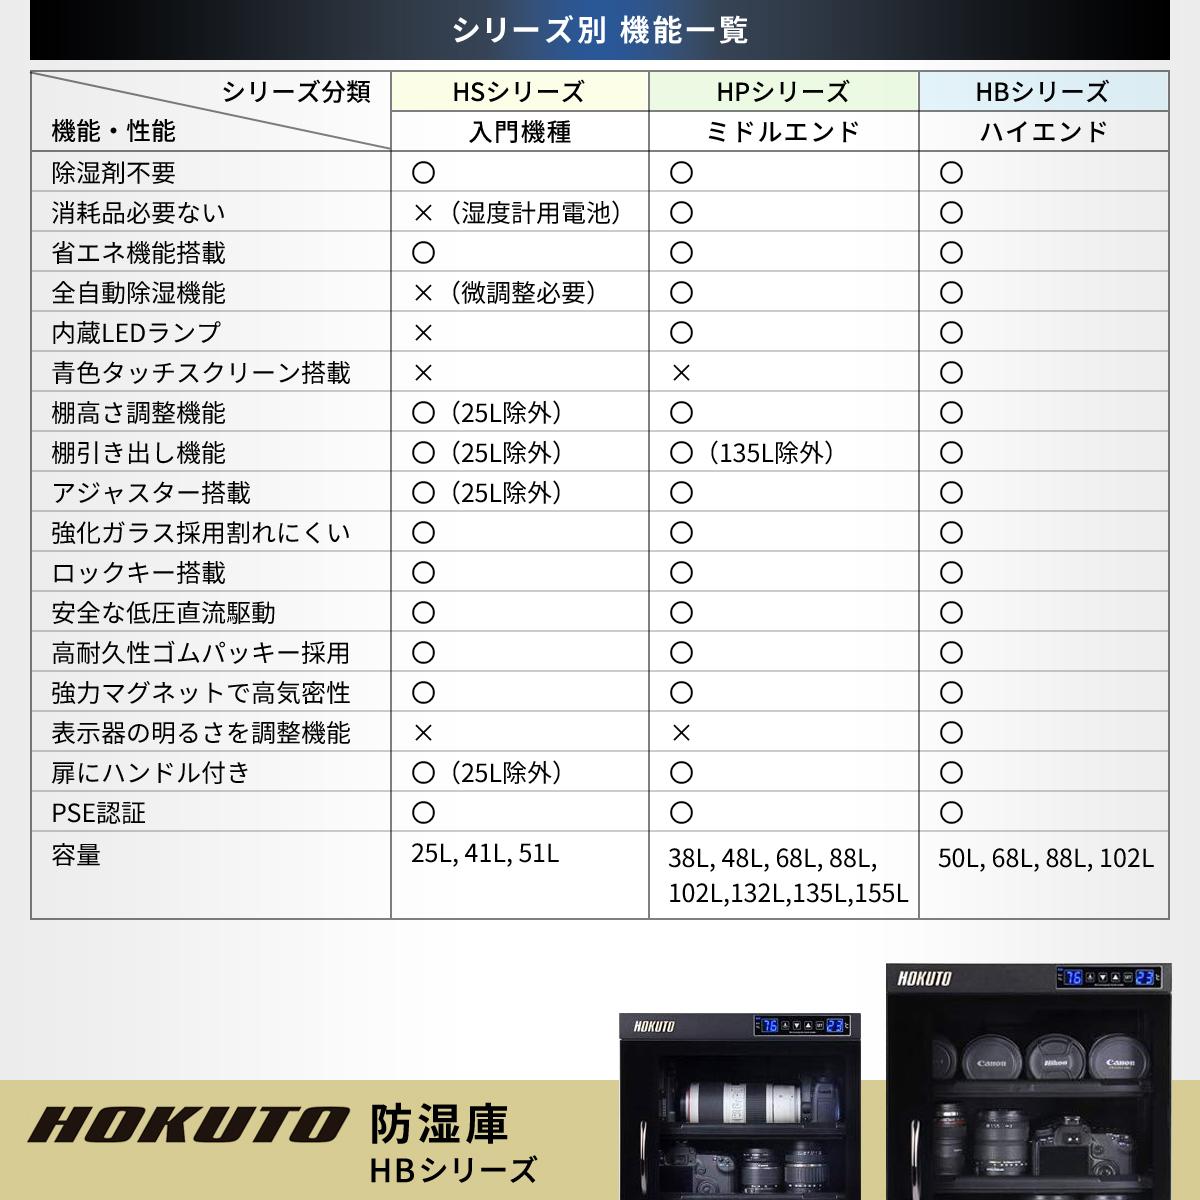 HOKUTO防湿庫・ドライボックス HSシリーズ容量51L 5年保証送料無料